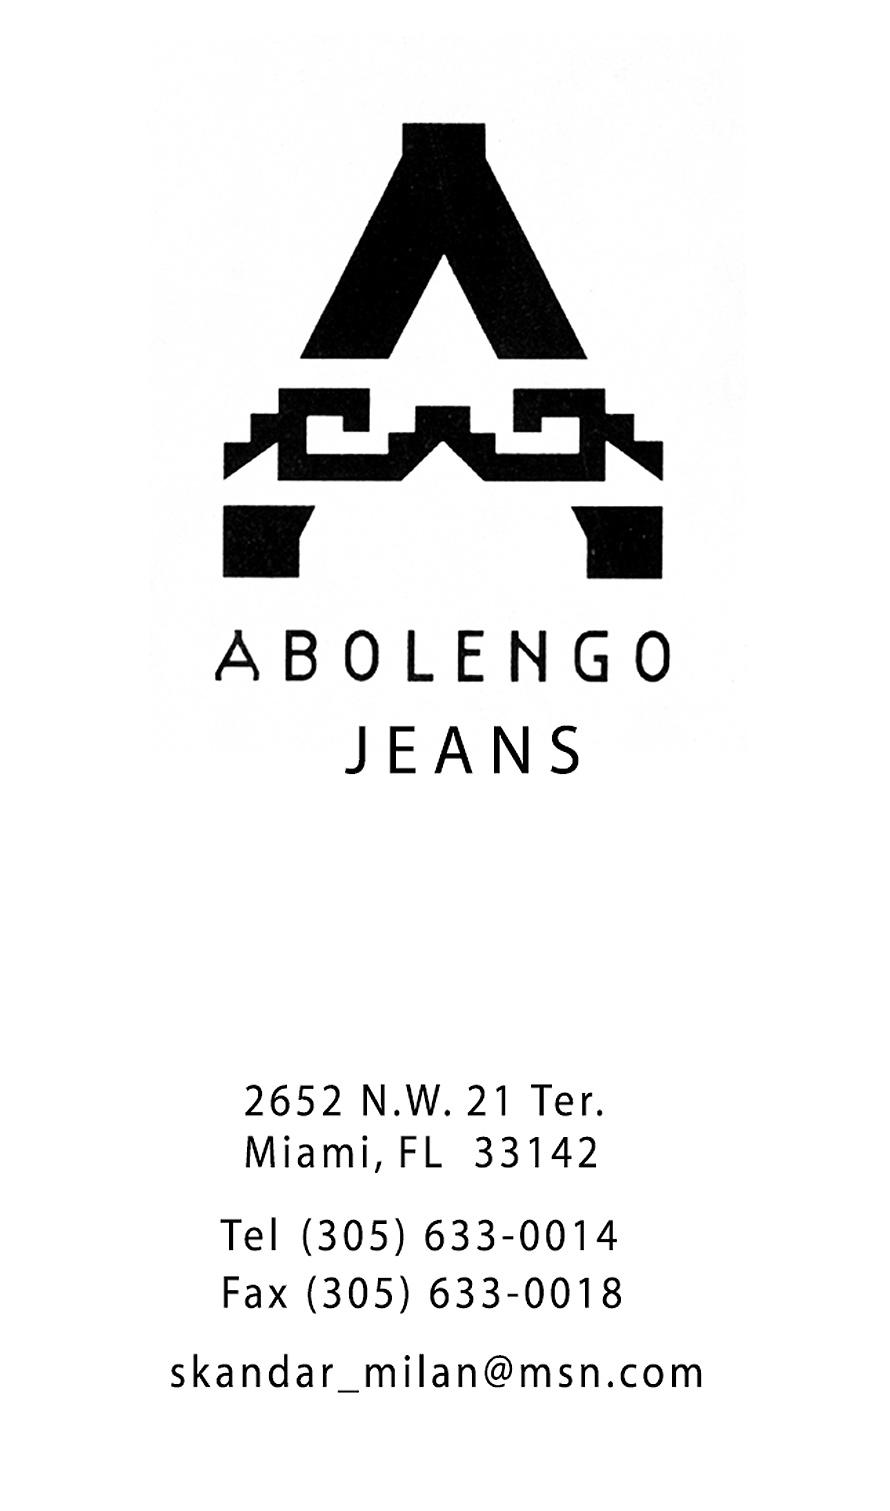 Abolengo Jeans